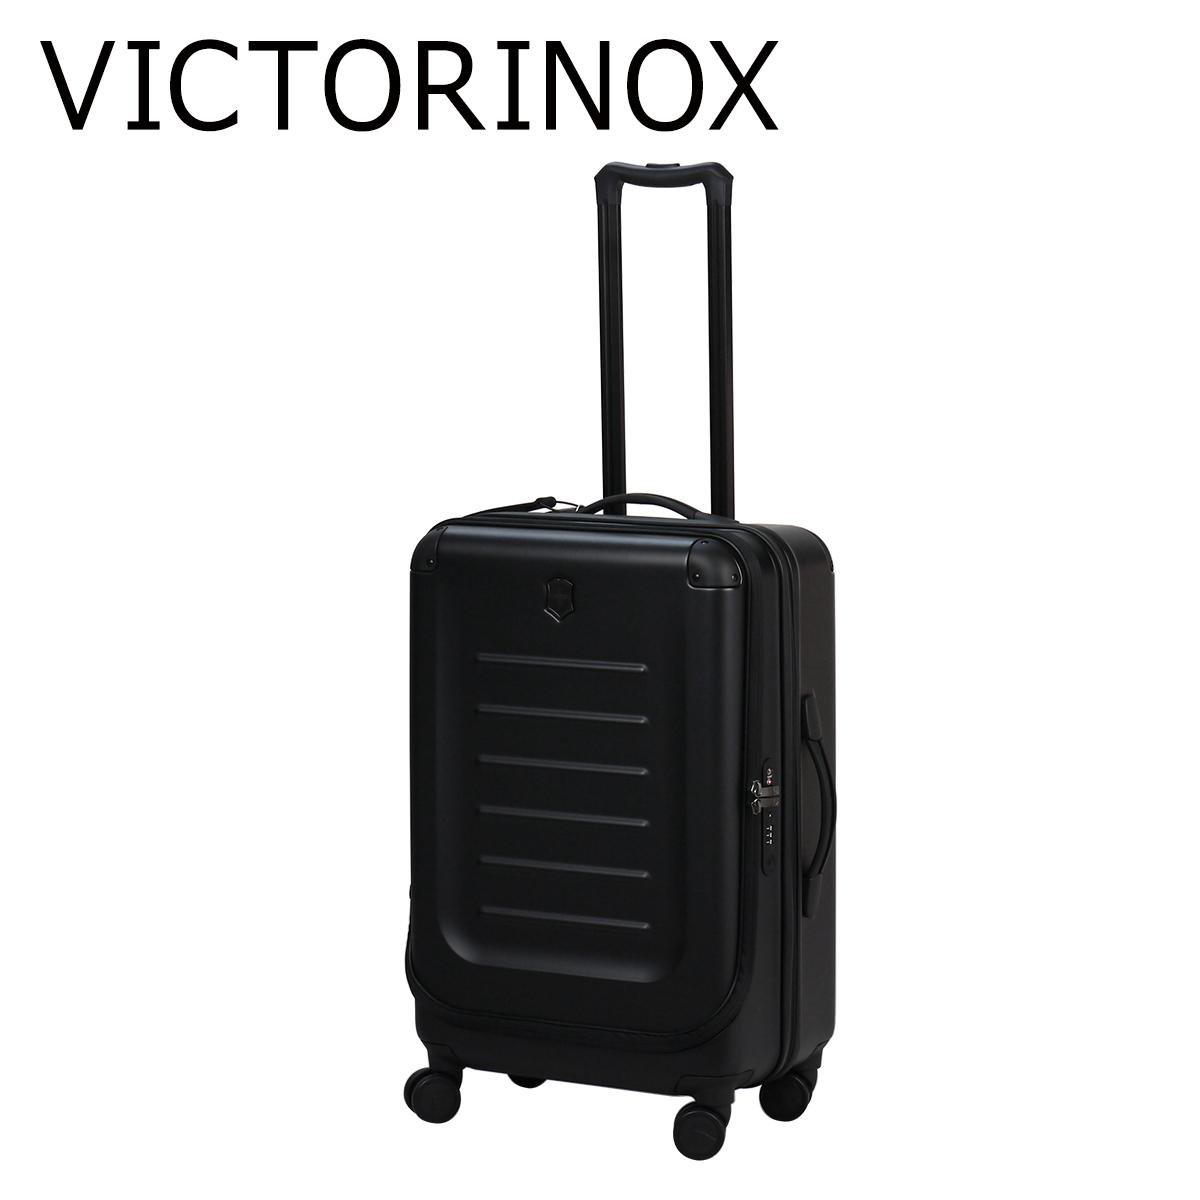 ビクトリノックス(VICTORINOX) キャリーバッグ 601290 スペクトラ2.0 スペクトラ ミディアム エクスパンダブル BLACK ヴィクトリノックス